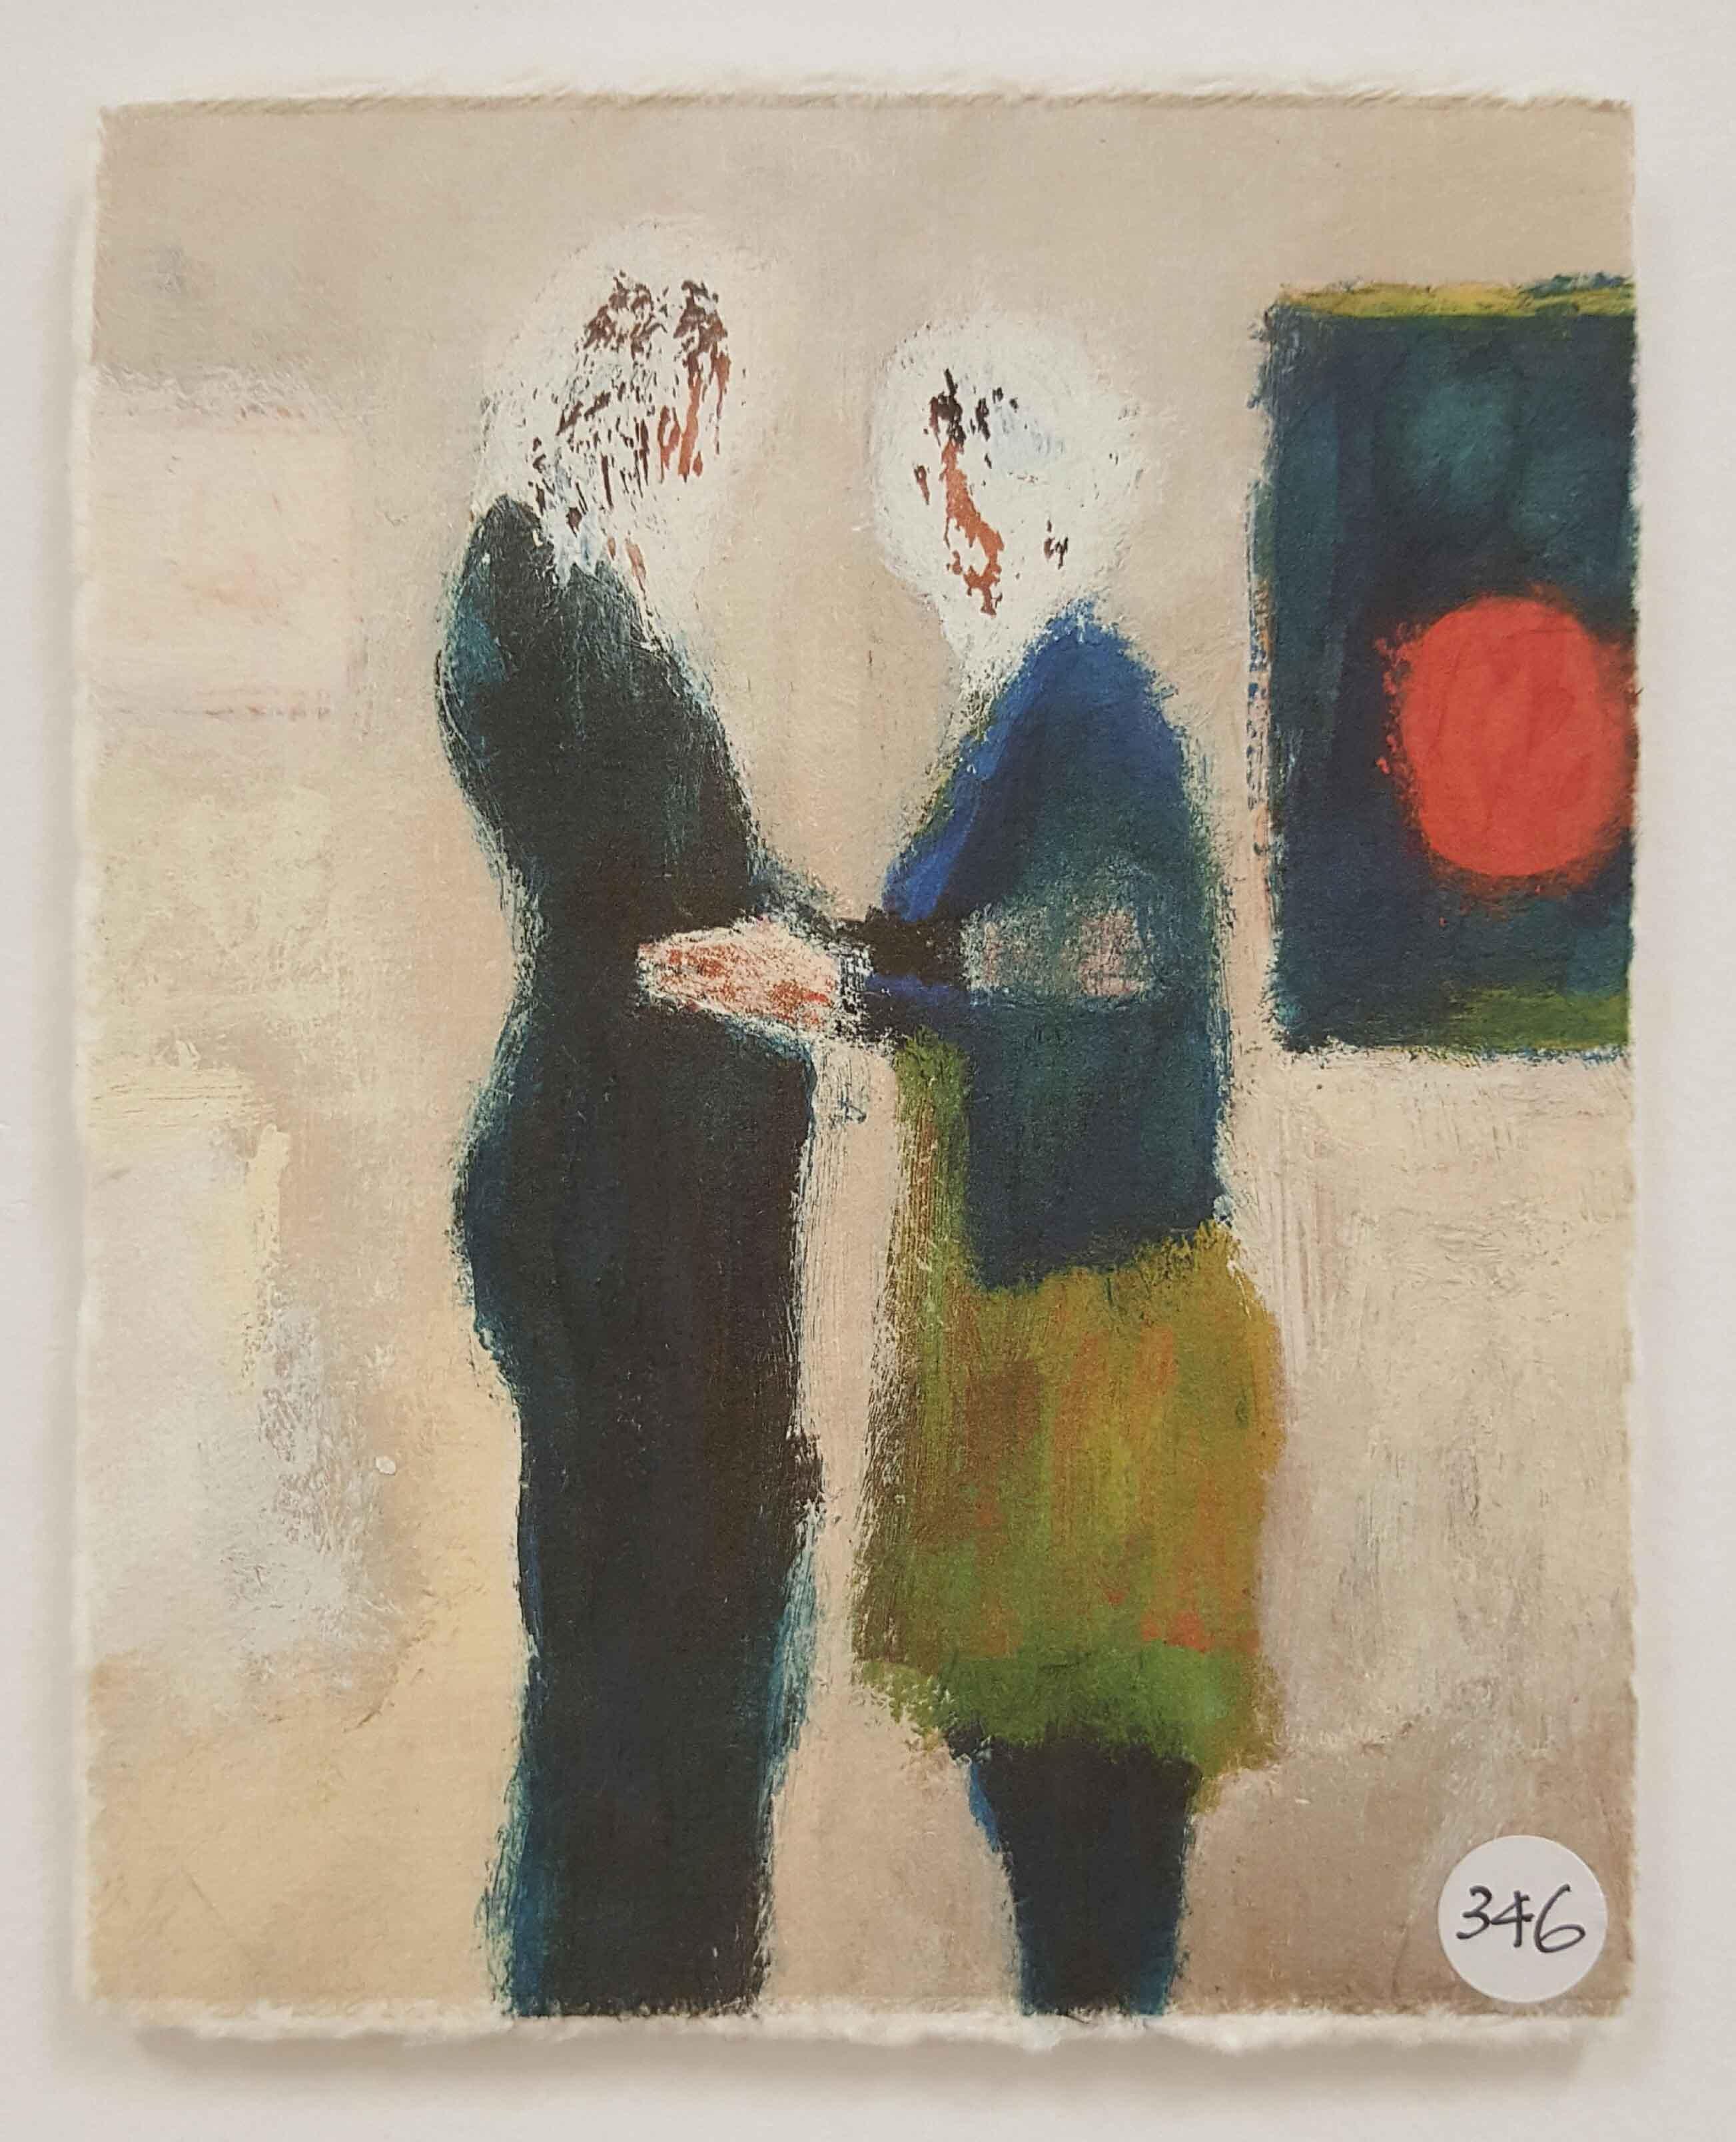 2D 1st Prize Marlene Tholen 'Sisters'